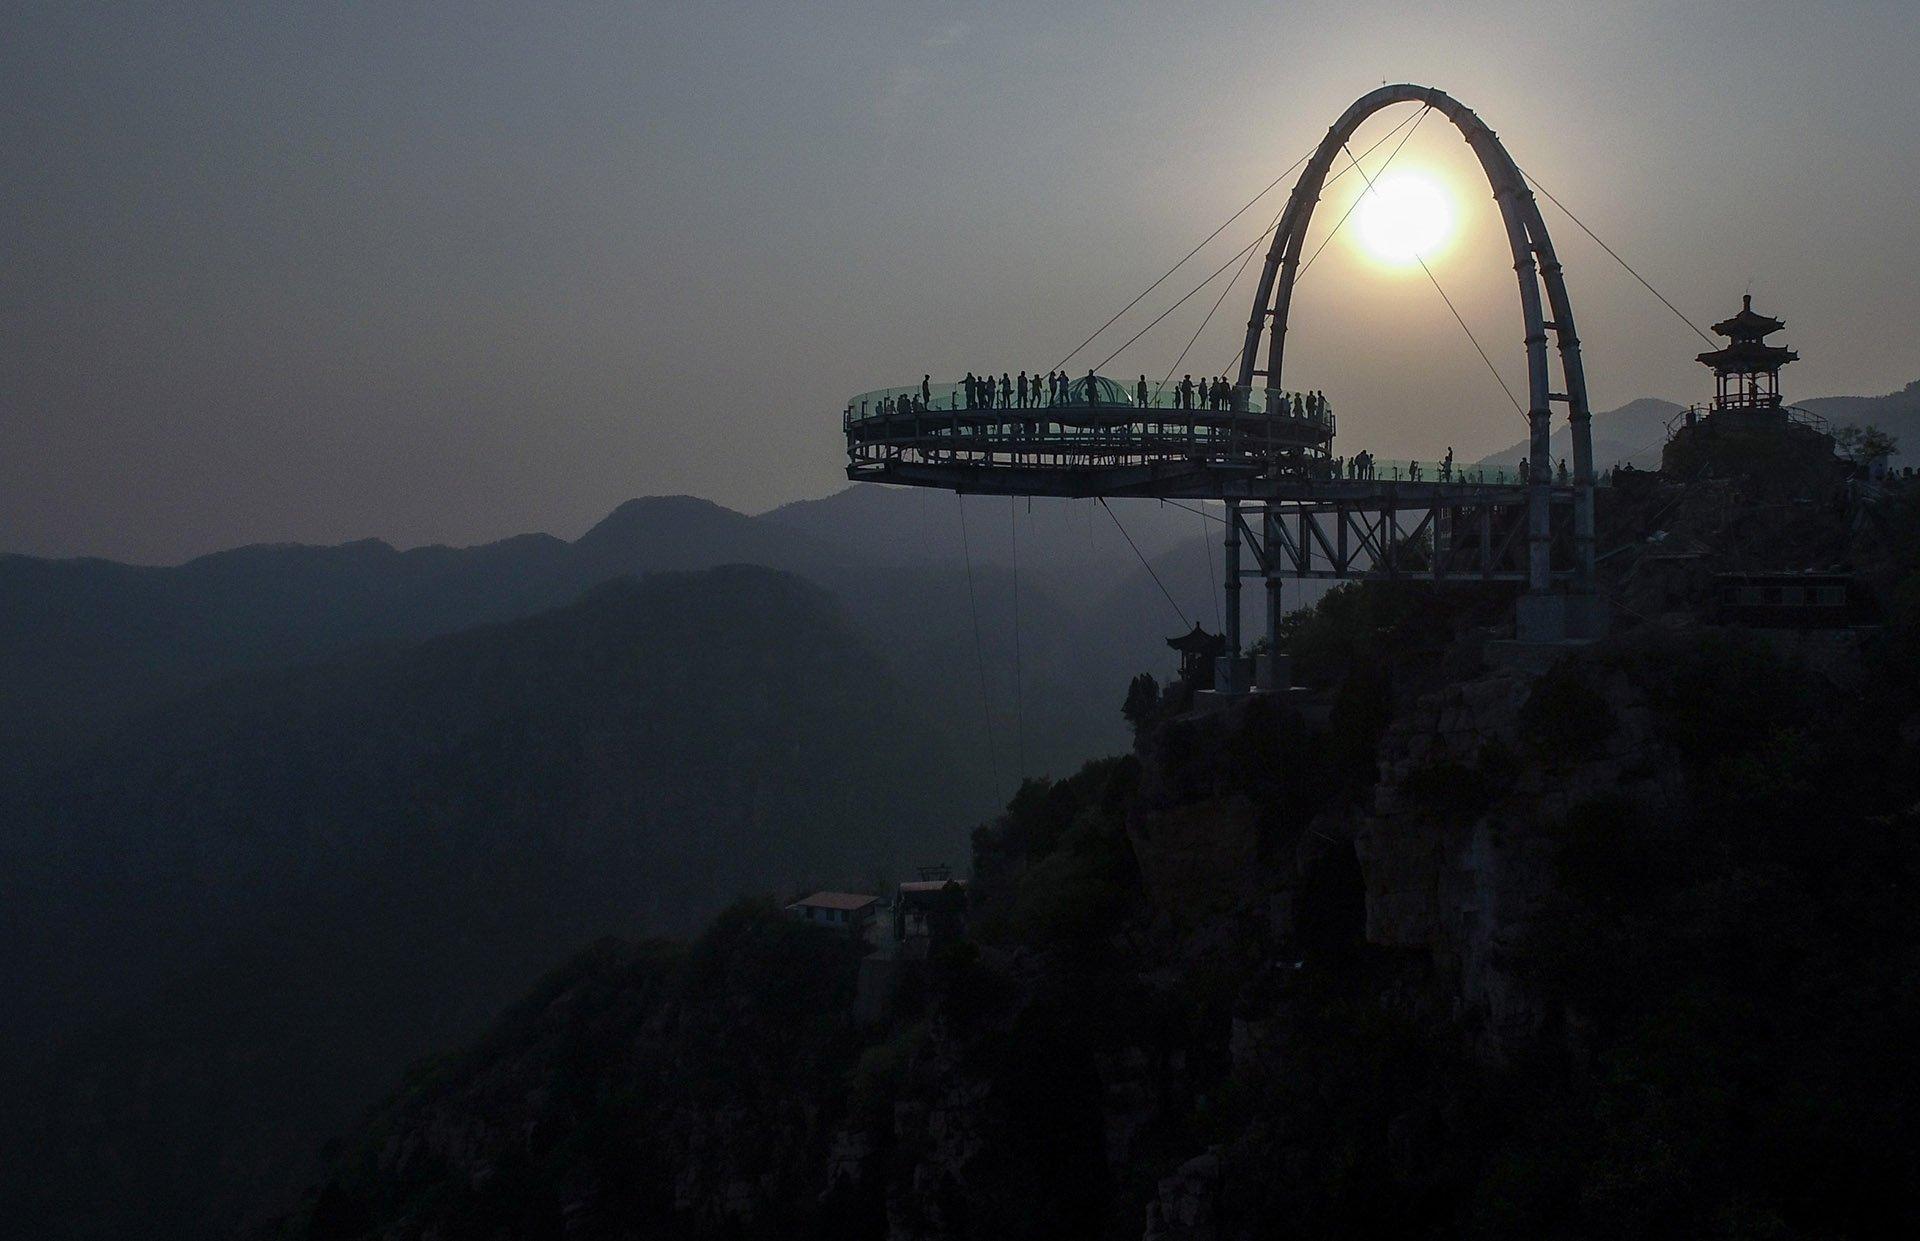 La estructura circular sobresale del borde del precipicio 32,8 metros